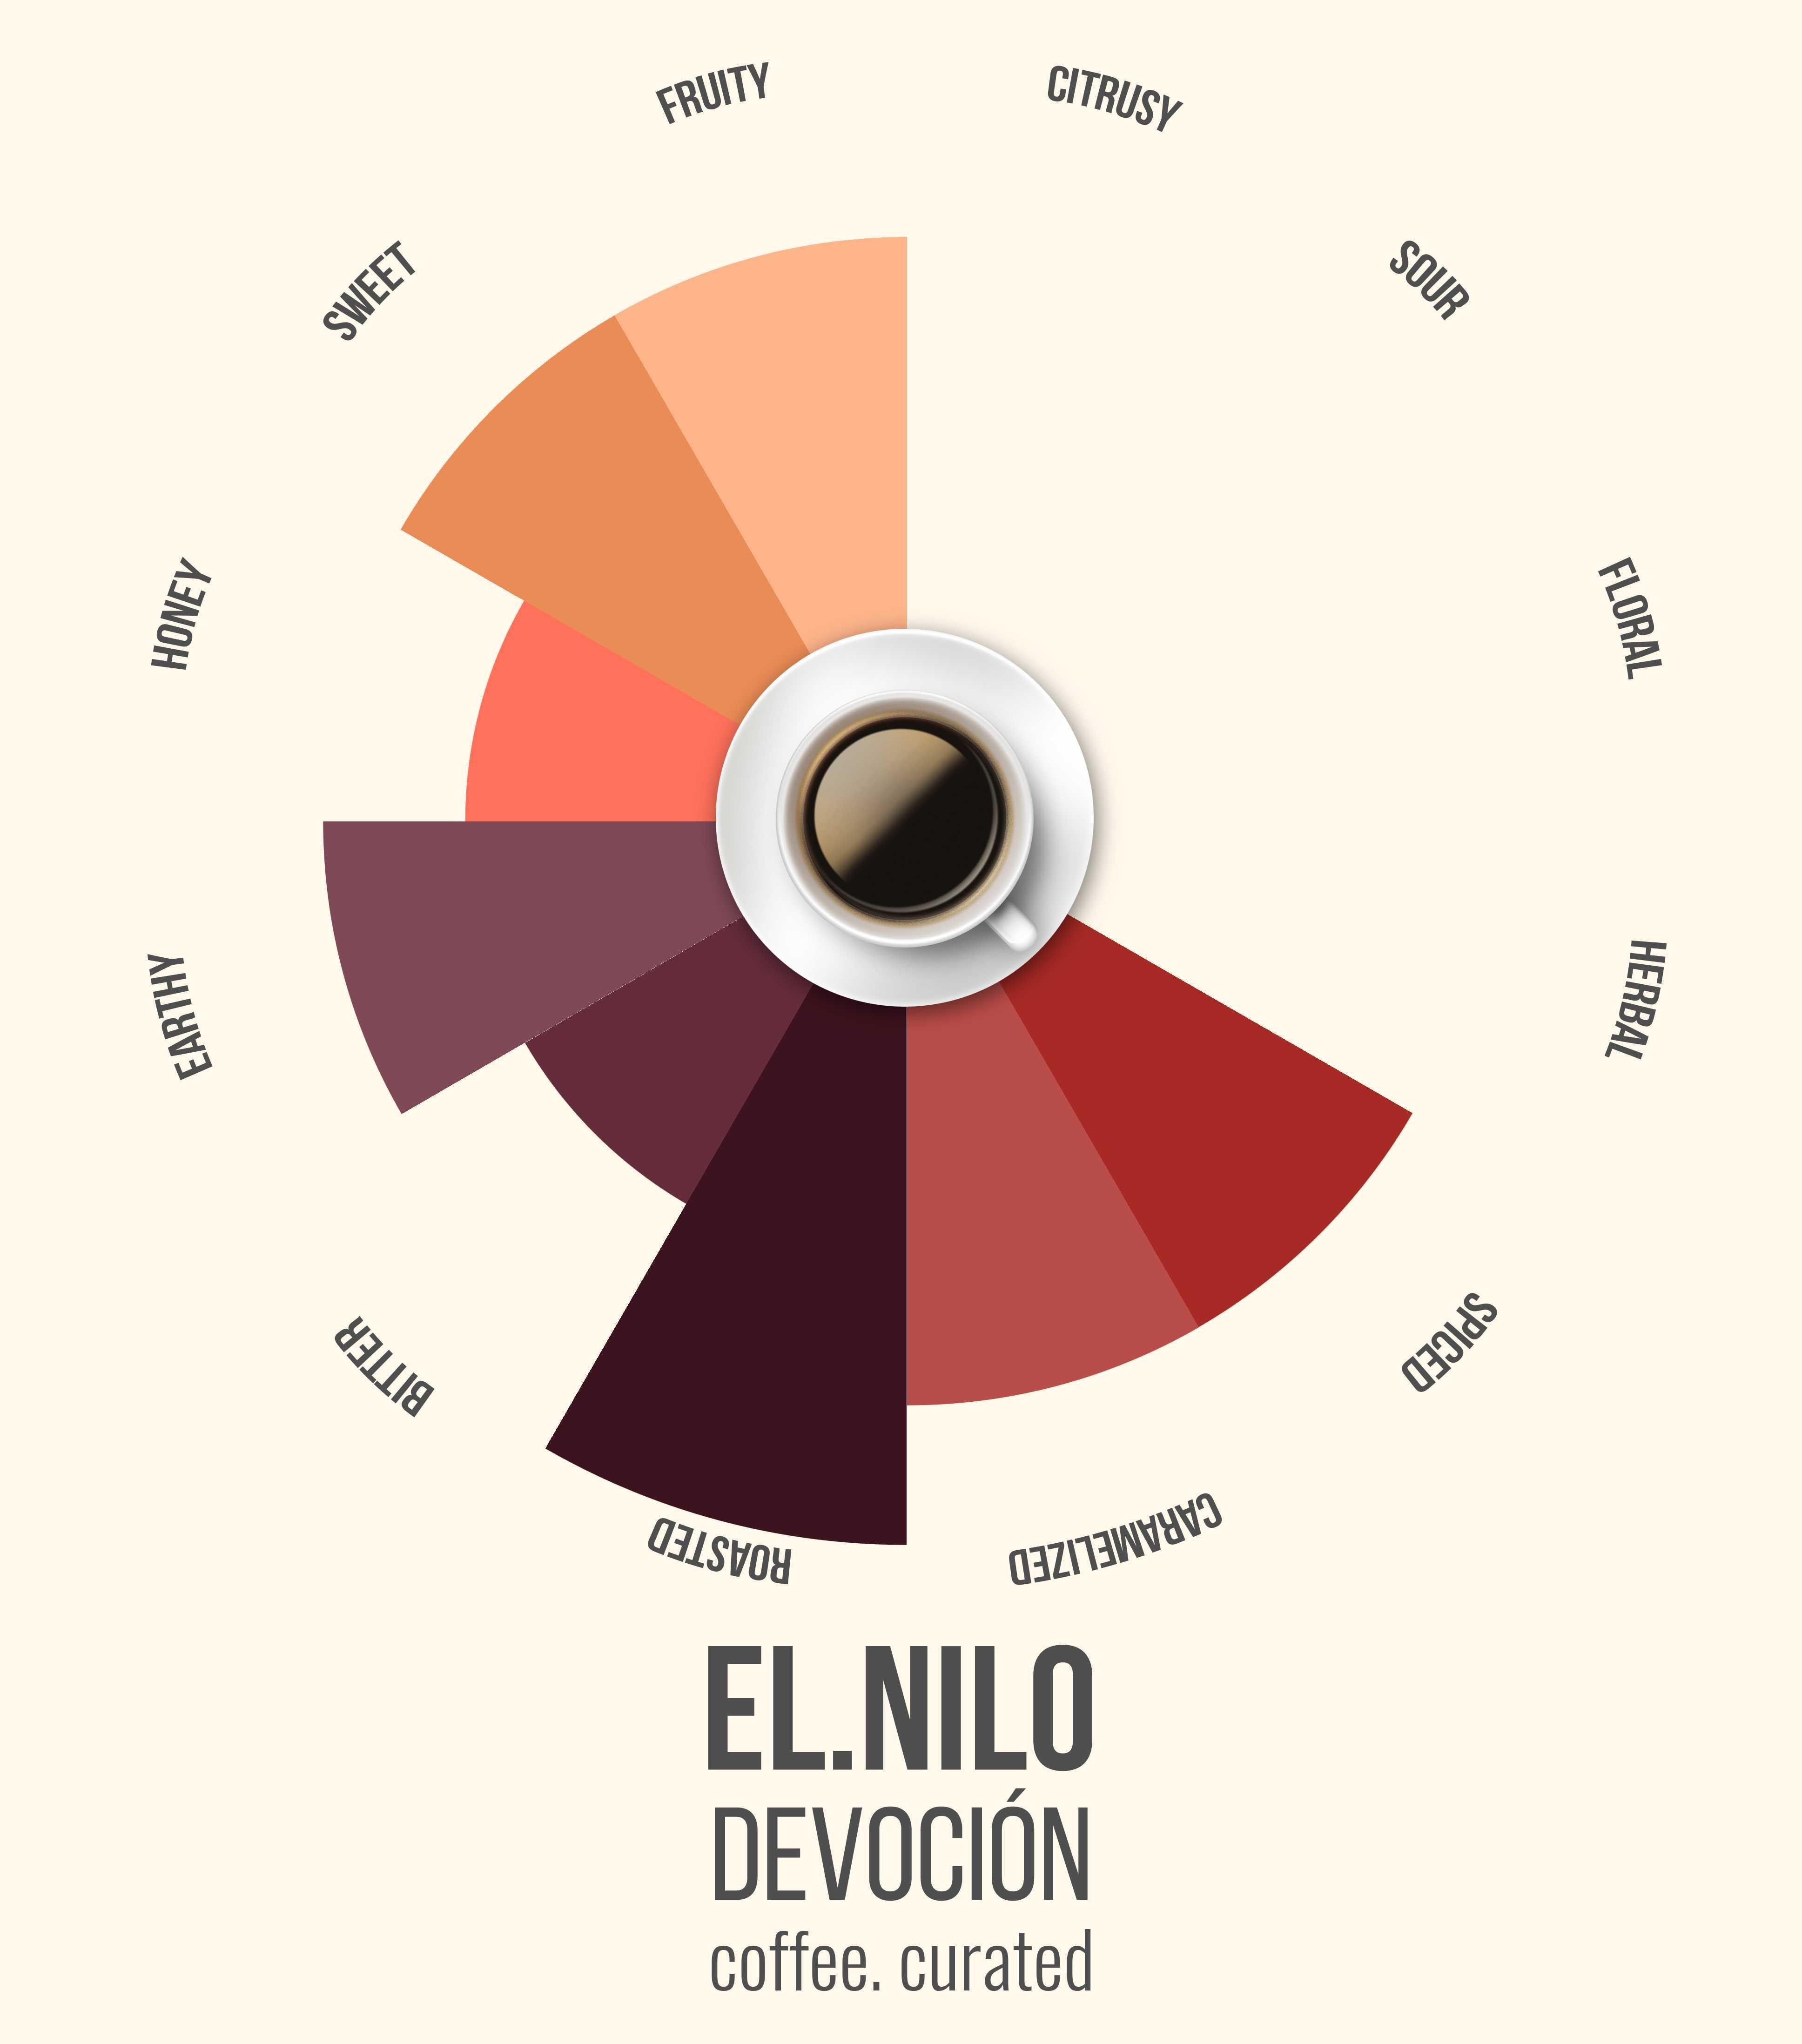 EL NILO Devocion Coffee